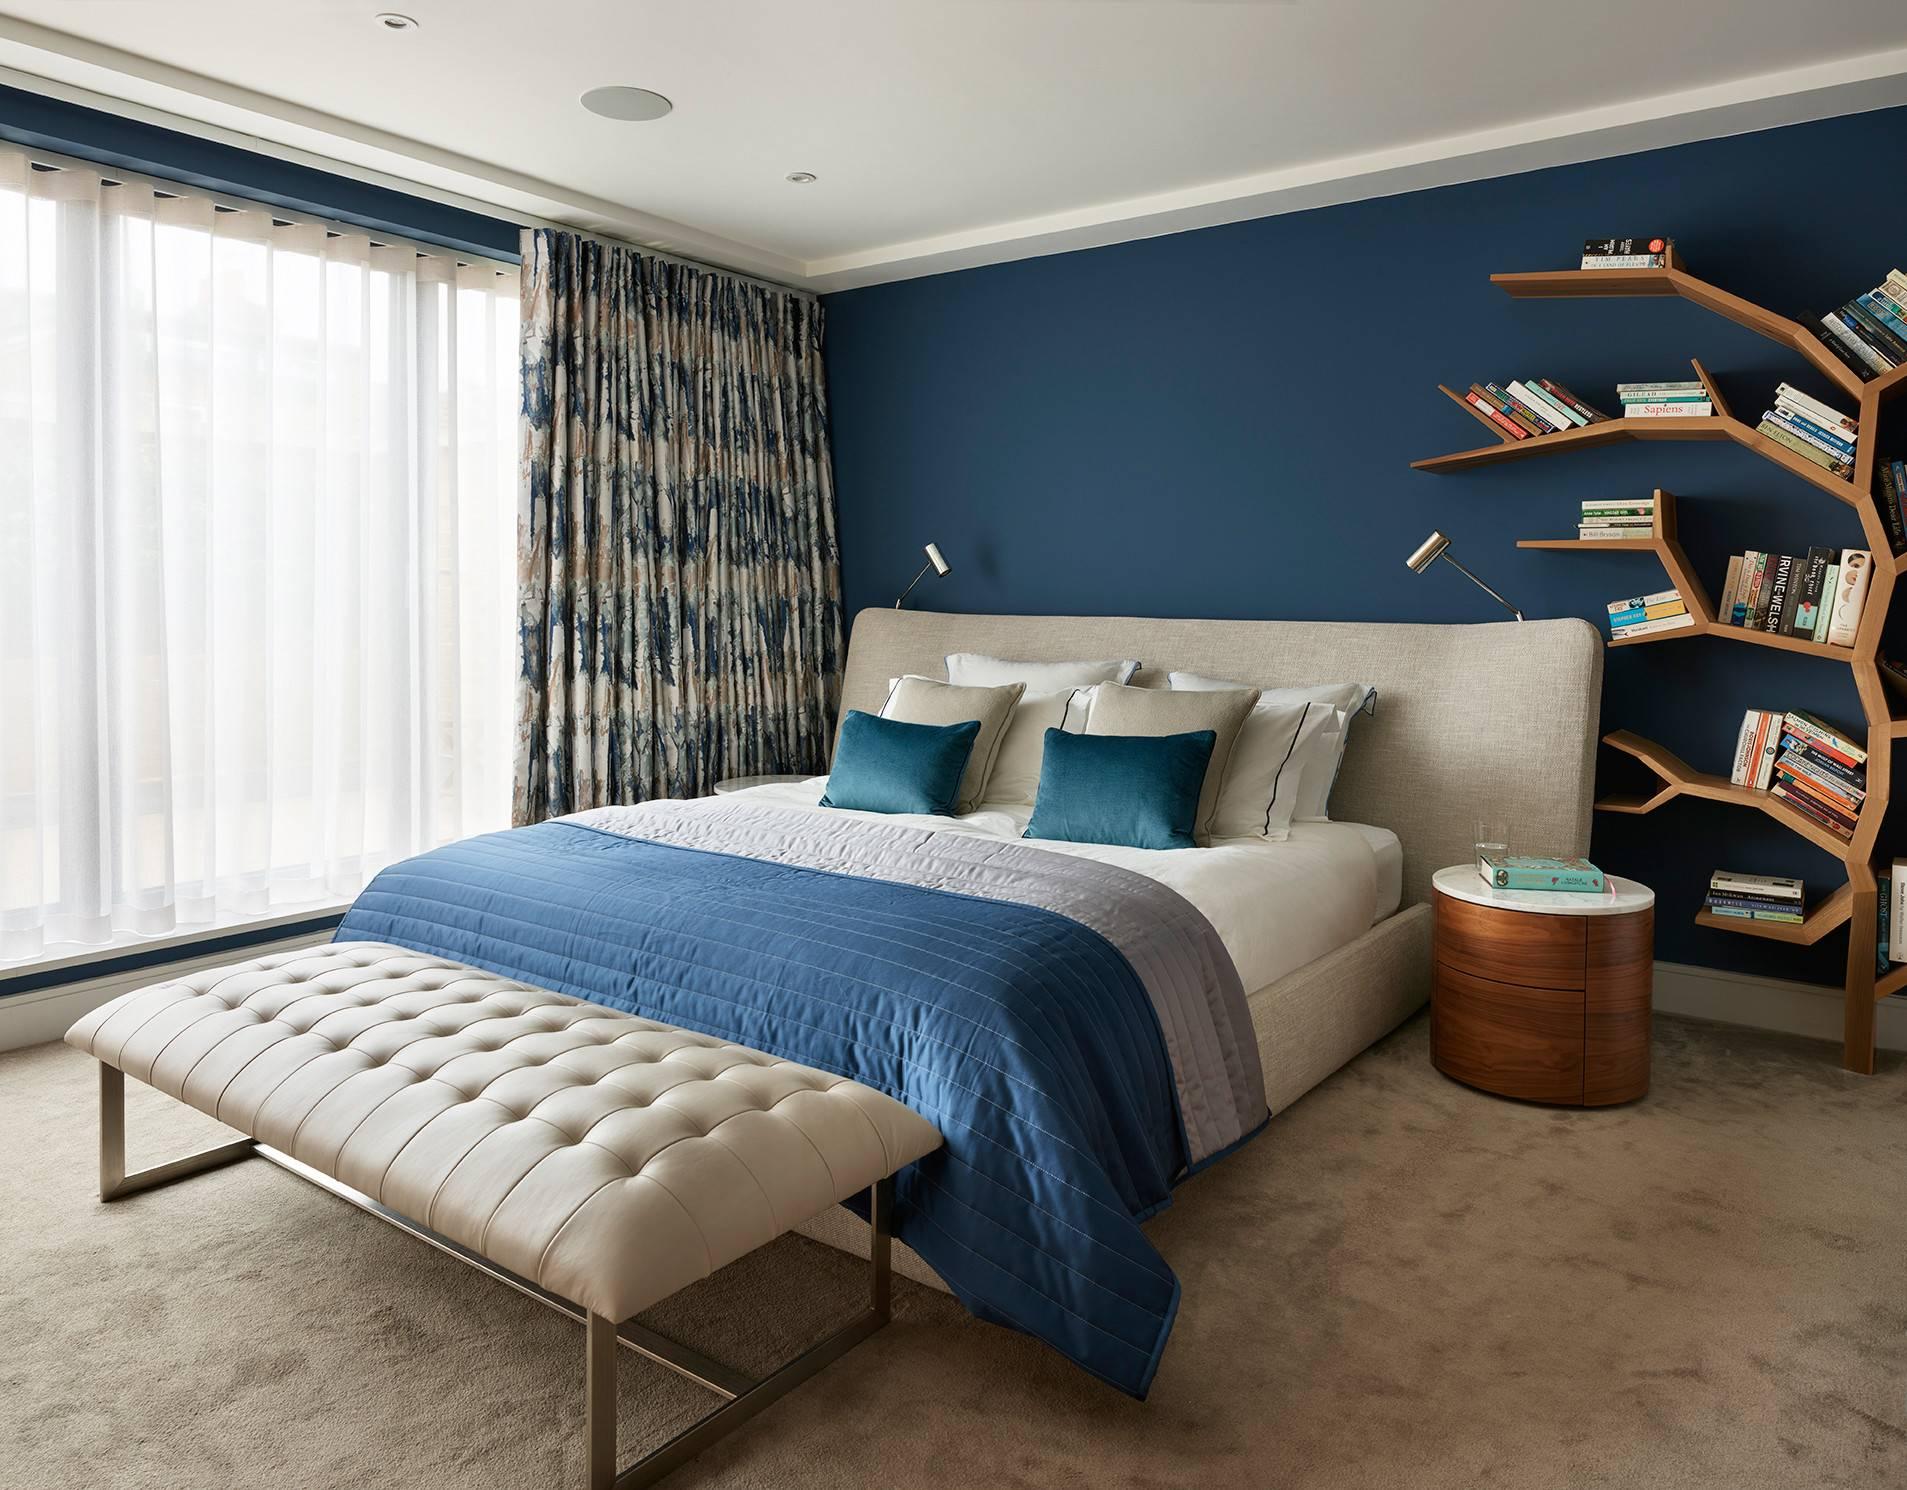 Дизайн комнаты в персиковых тонах фото